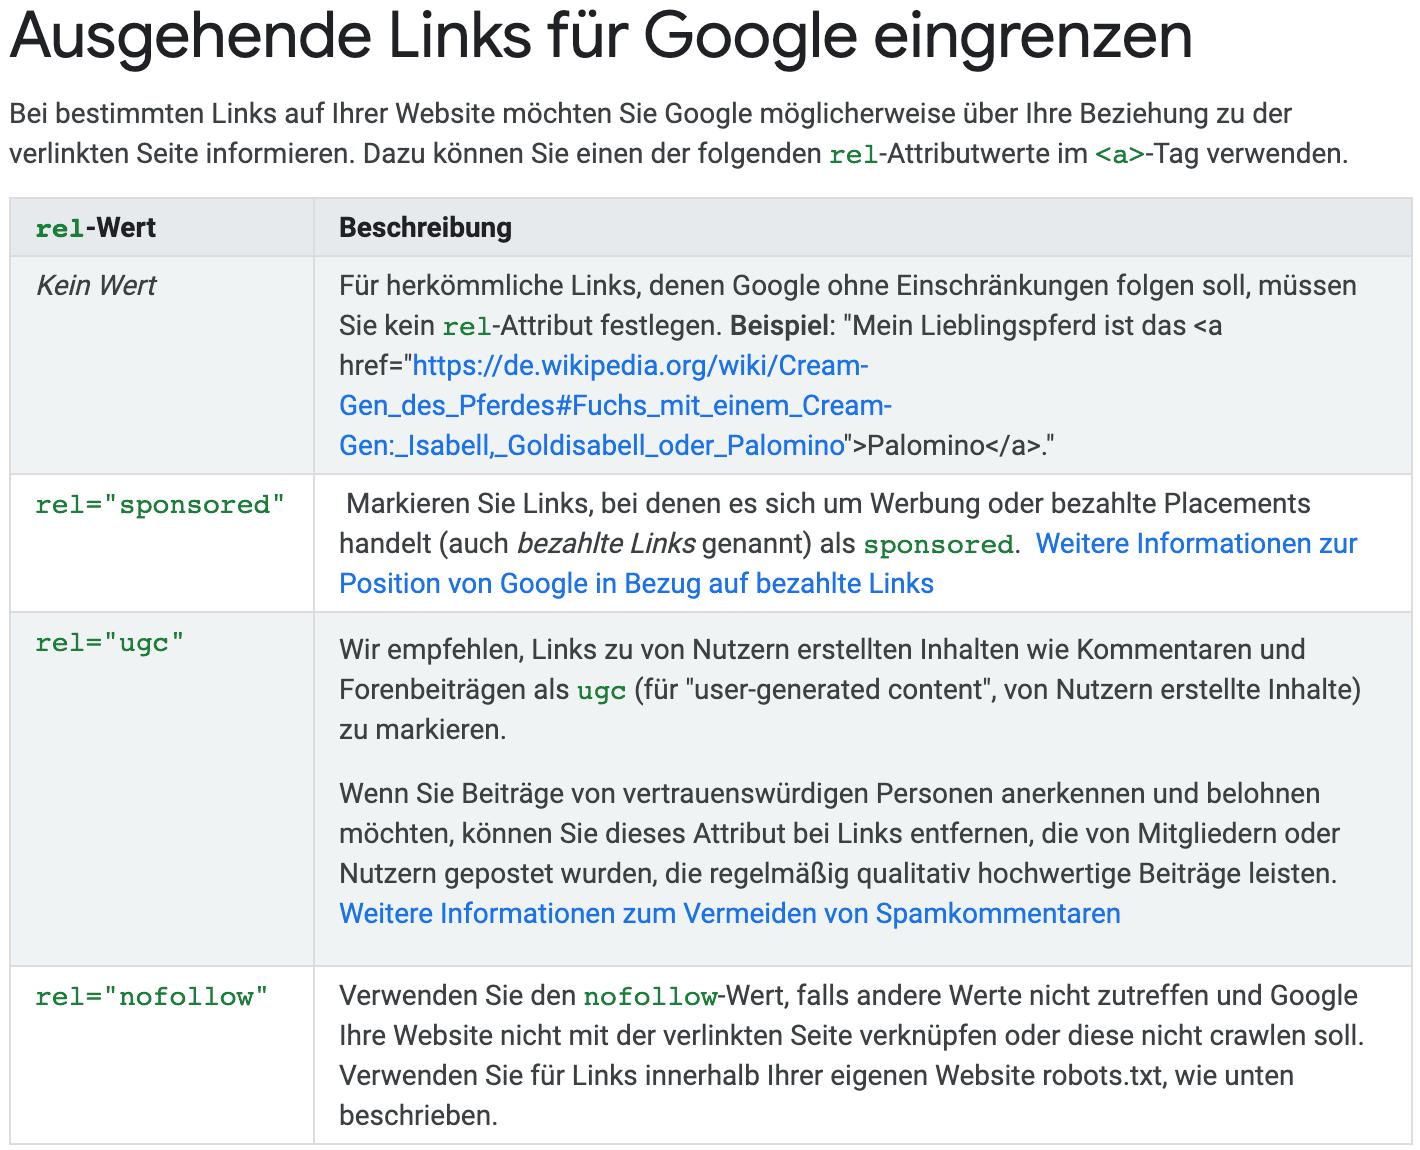 Ausgehende Links für Google eingrenzen